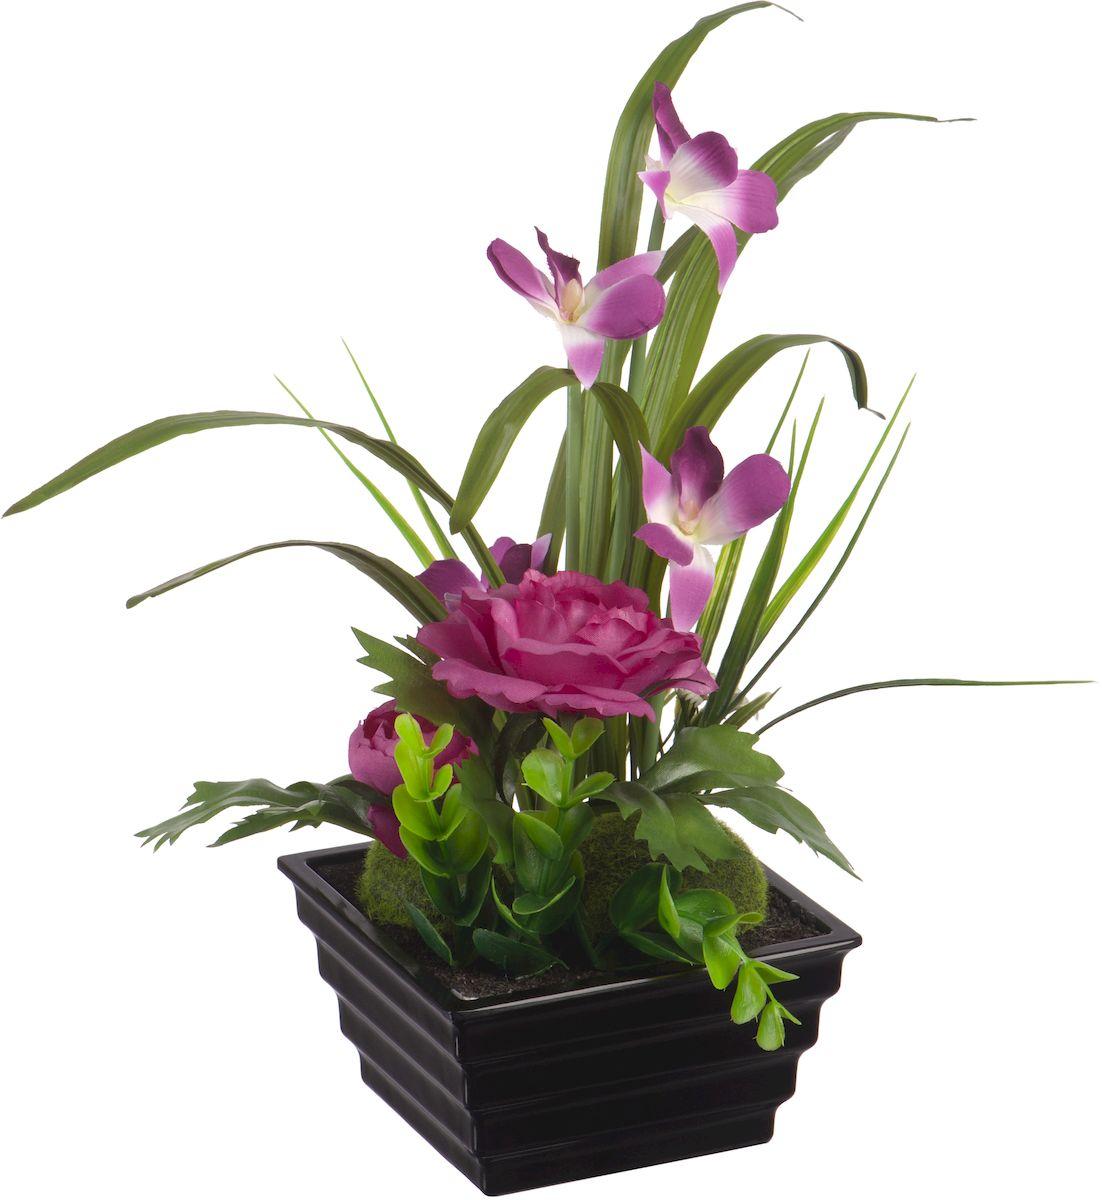 Цветы декоративные Engard Орхидеи и лютики, в цветочном горшке, 34 смYW-23Цветочные композиции Engard - это уникальное дизайнерское решение для создания природного колорита и гармонии в пространстве. Композиция из фиолетовых цветов выполнена из высококачественного материала, передающего неповторимую естественность и является достойной альтернативой живым цветам. Не требует постоянного ухода. Высота: 34 см.